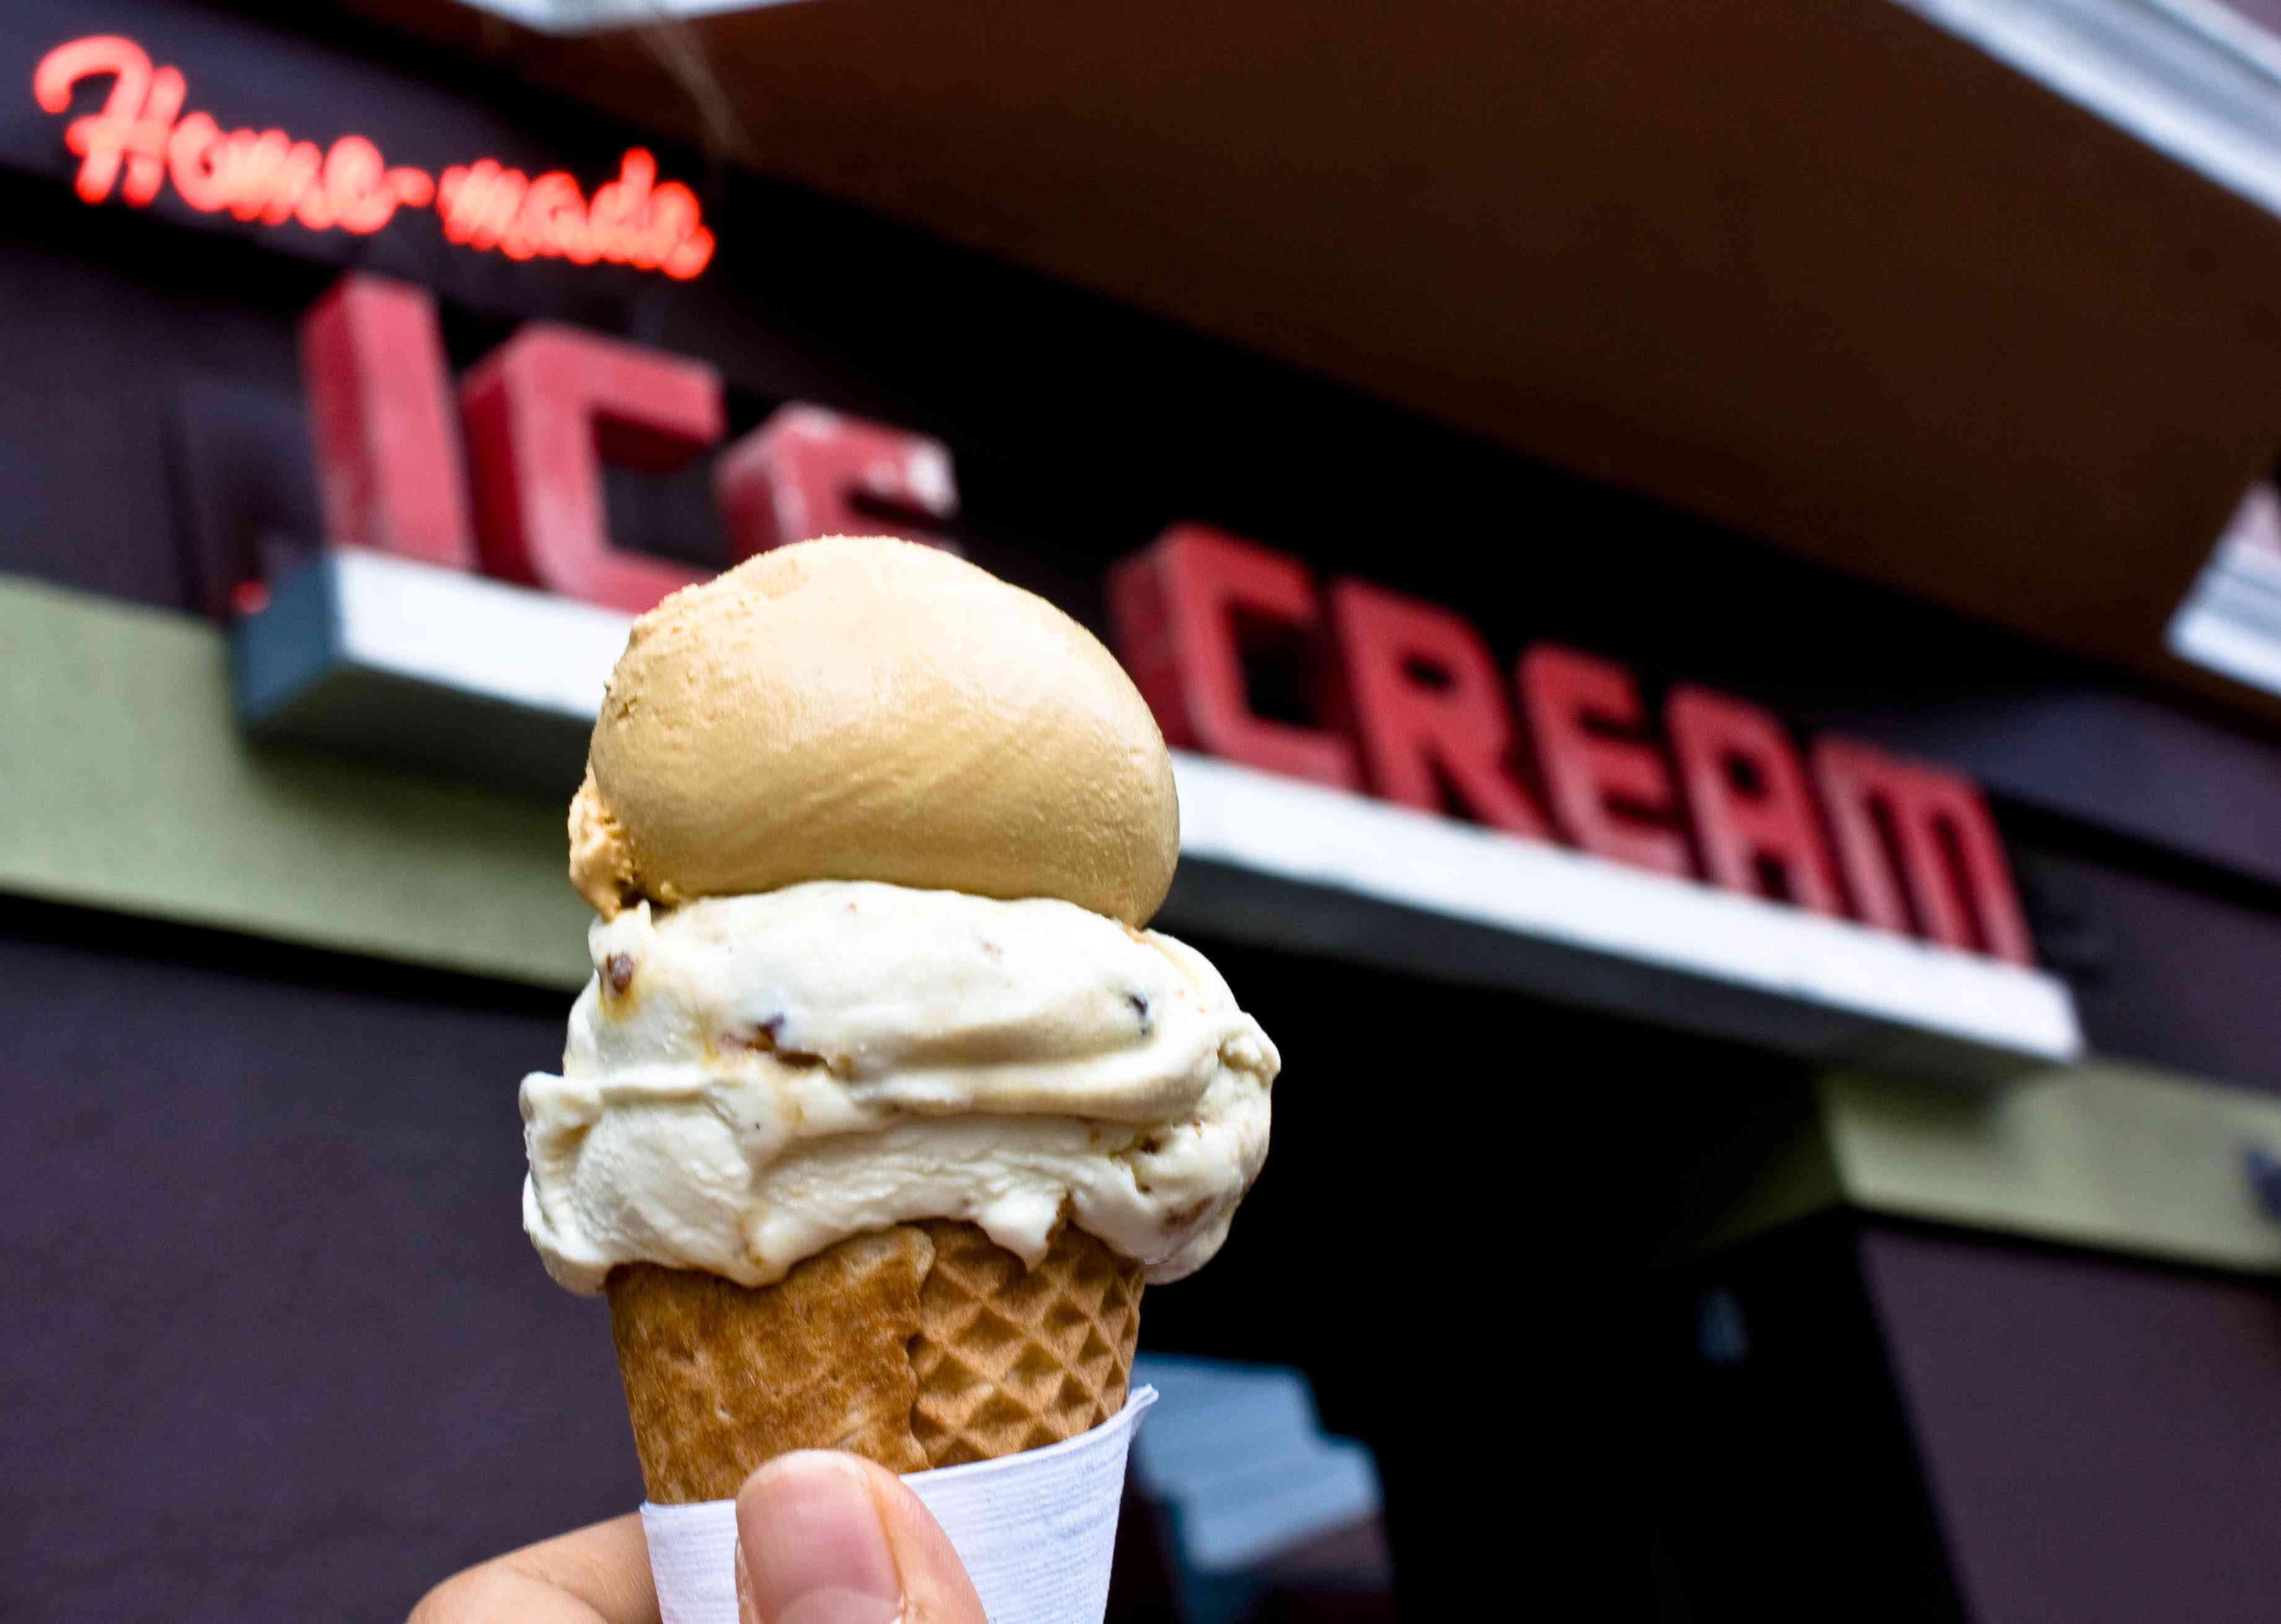 Bi-Rite ice cream, outside the store